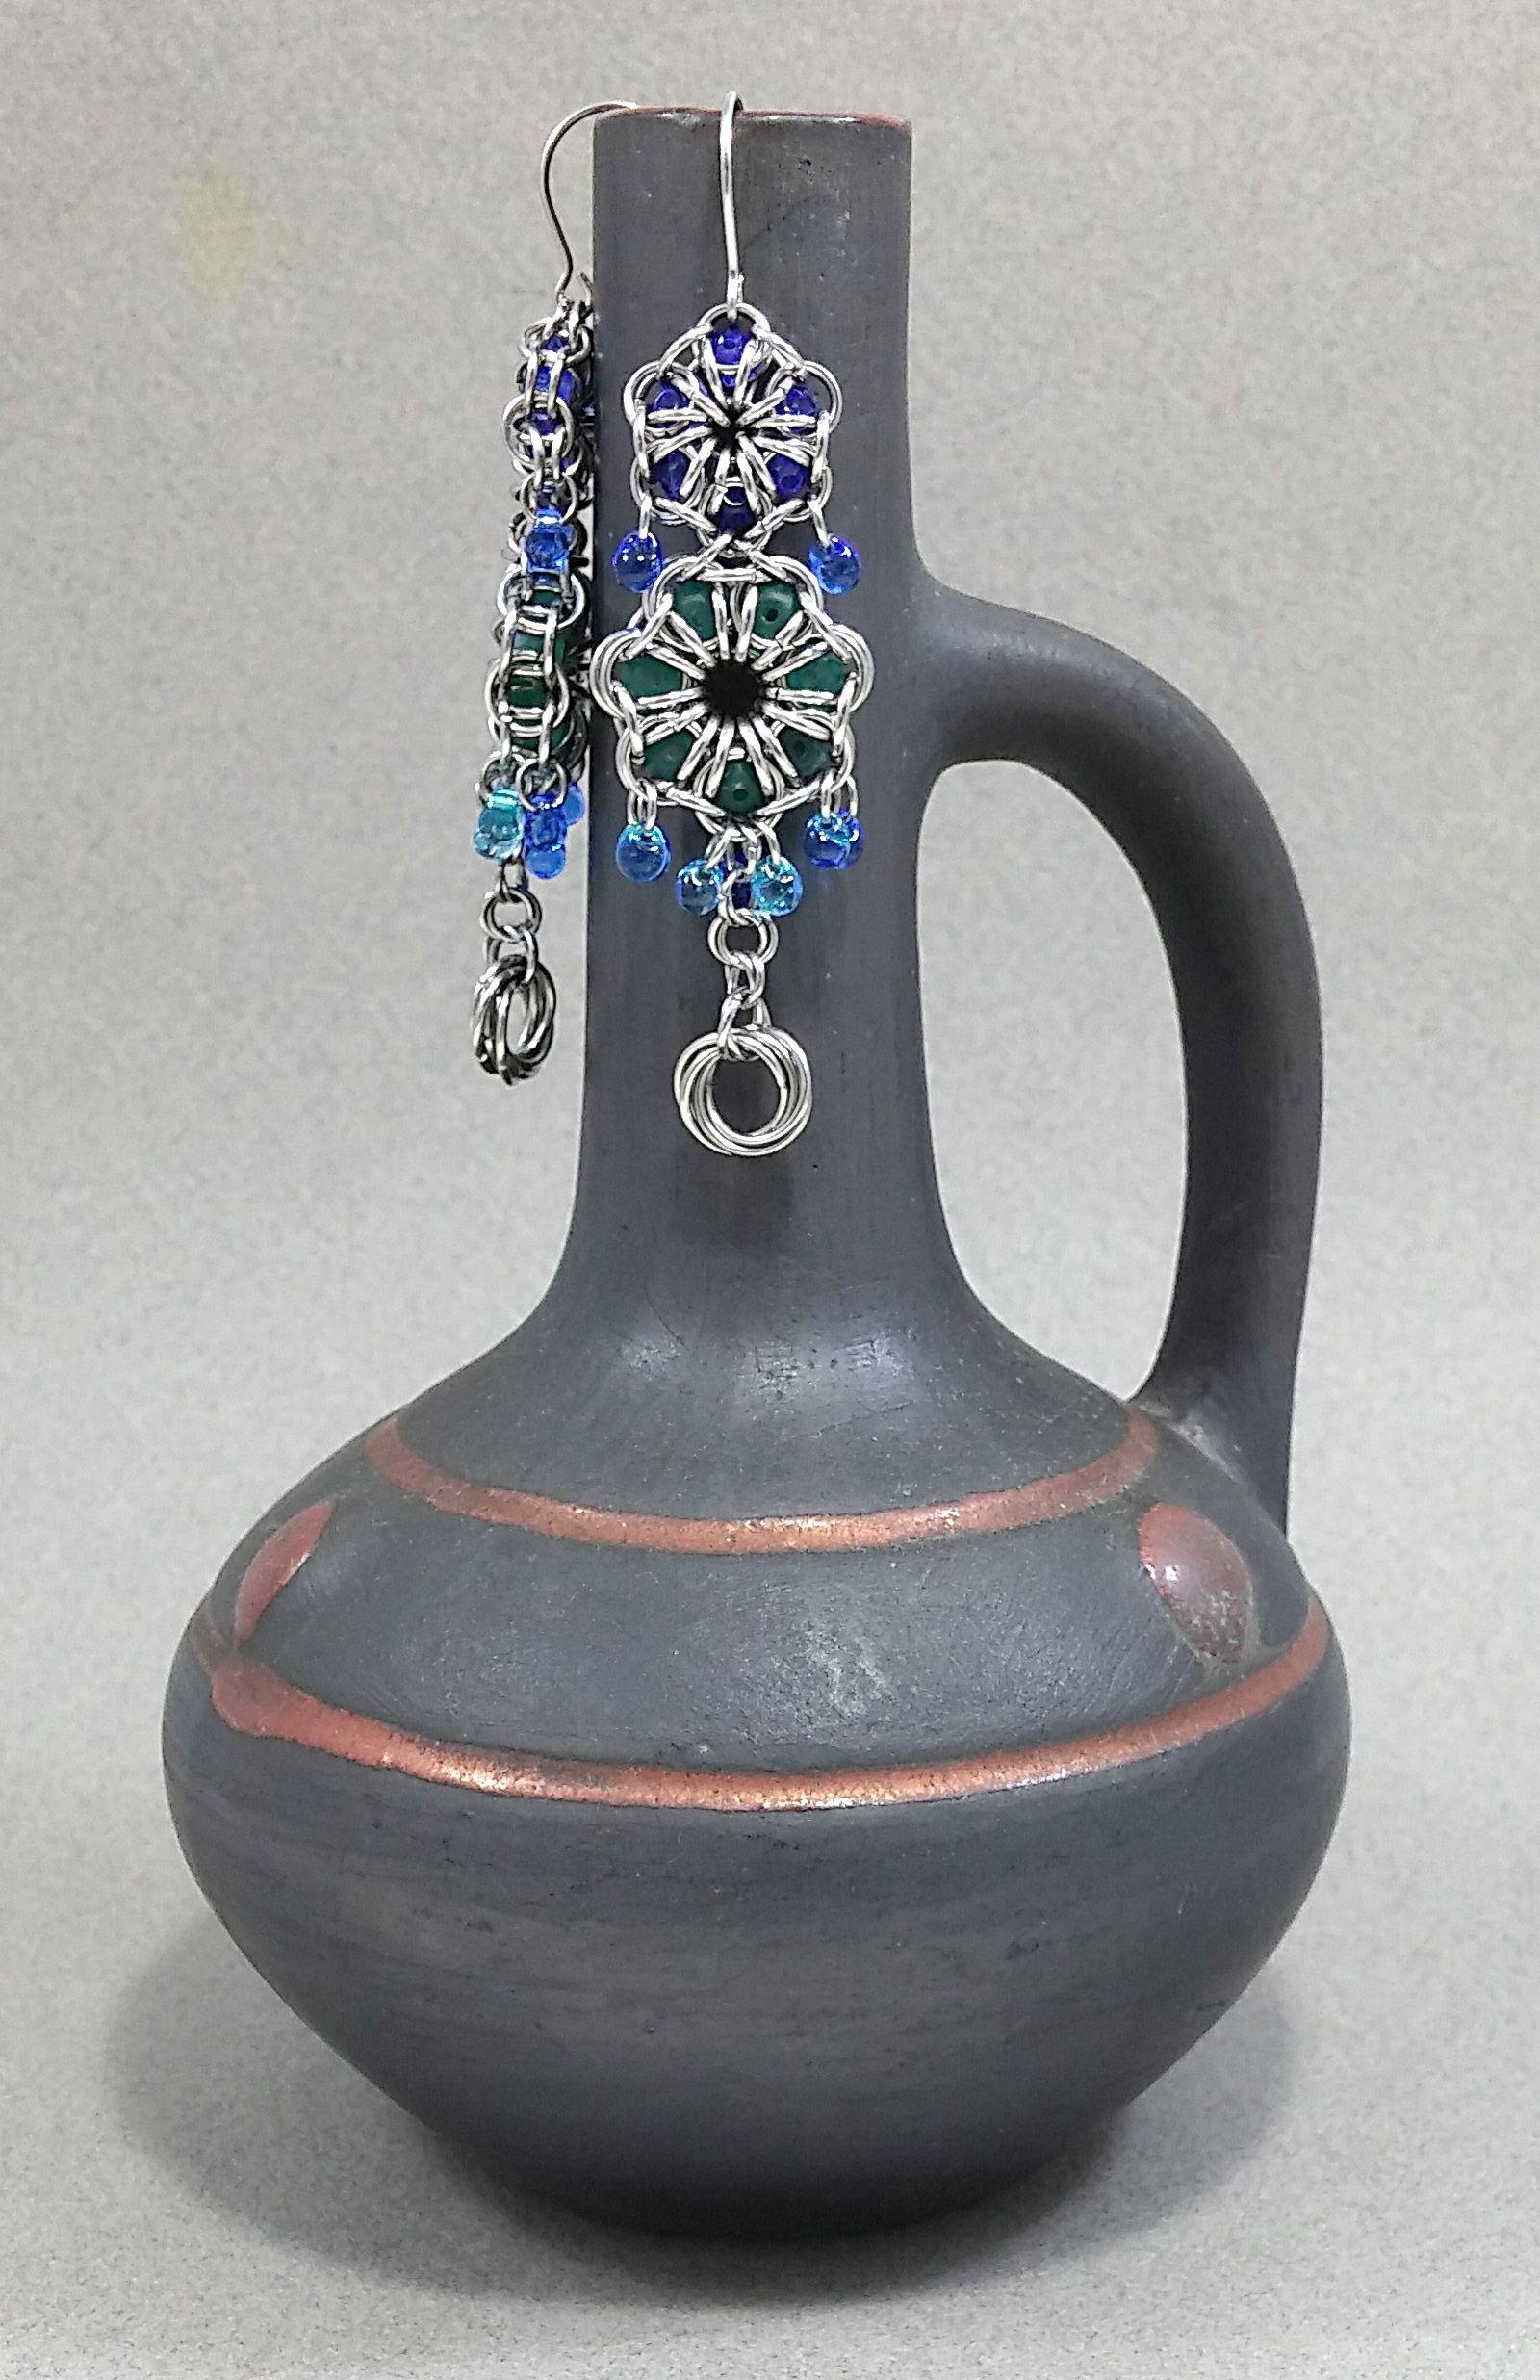 festije earrings bluejewelry bluewedding blue chainmail floral accessories